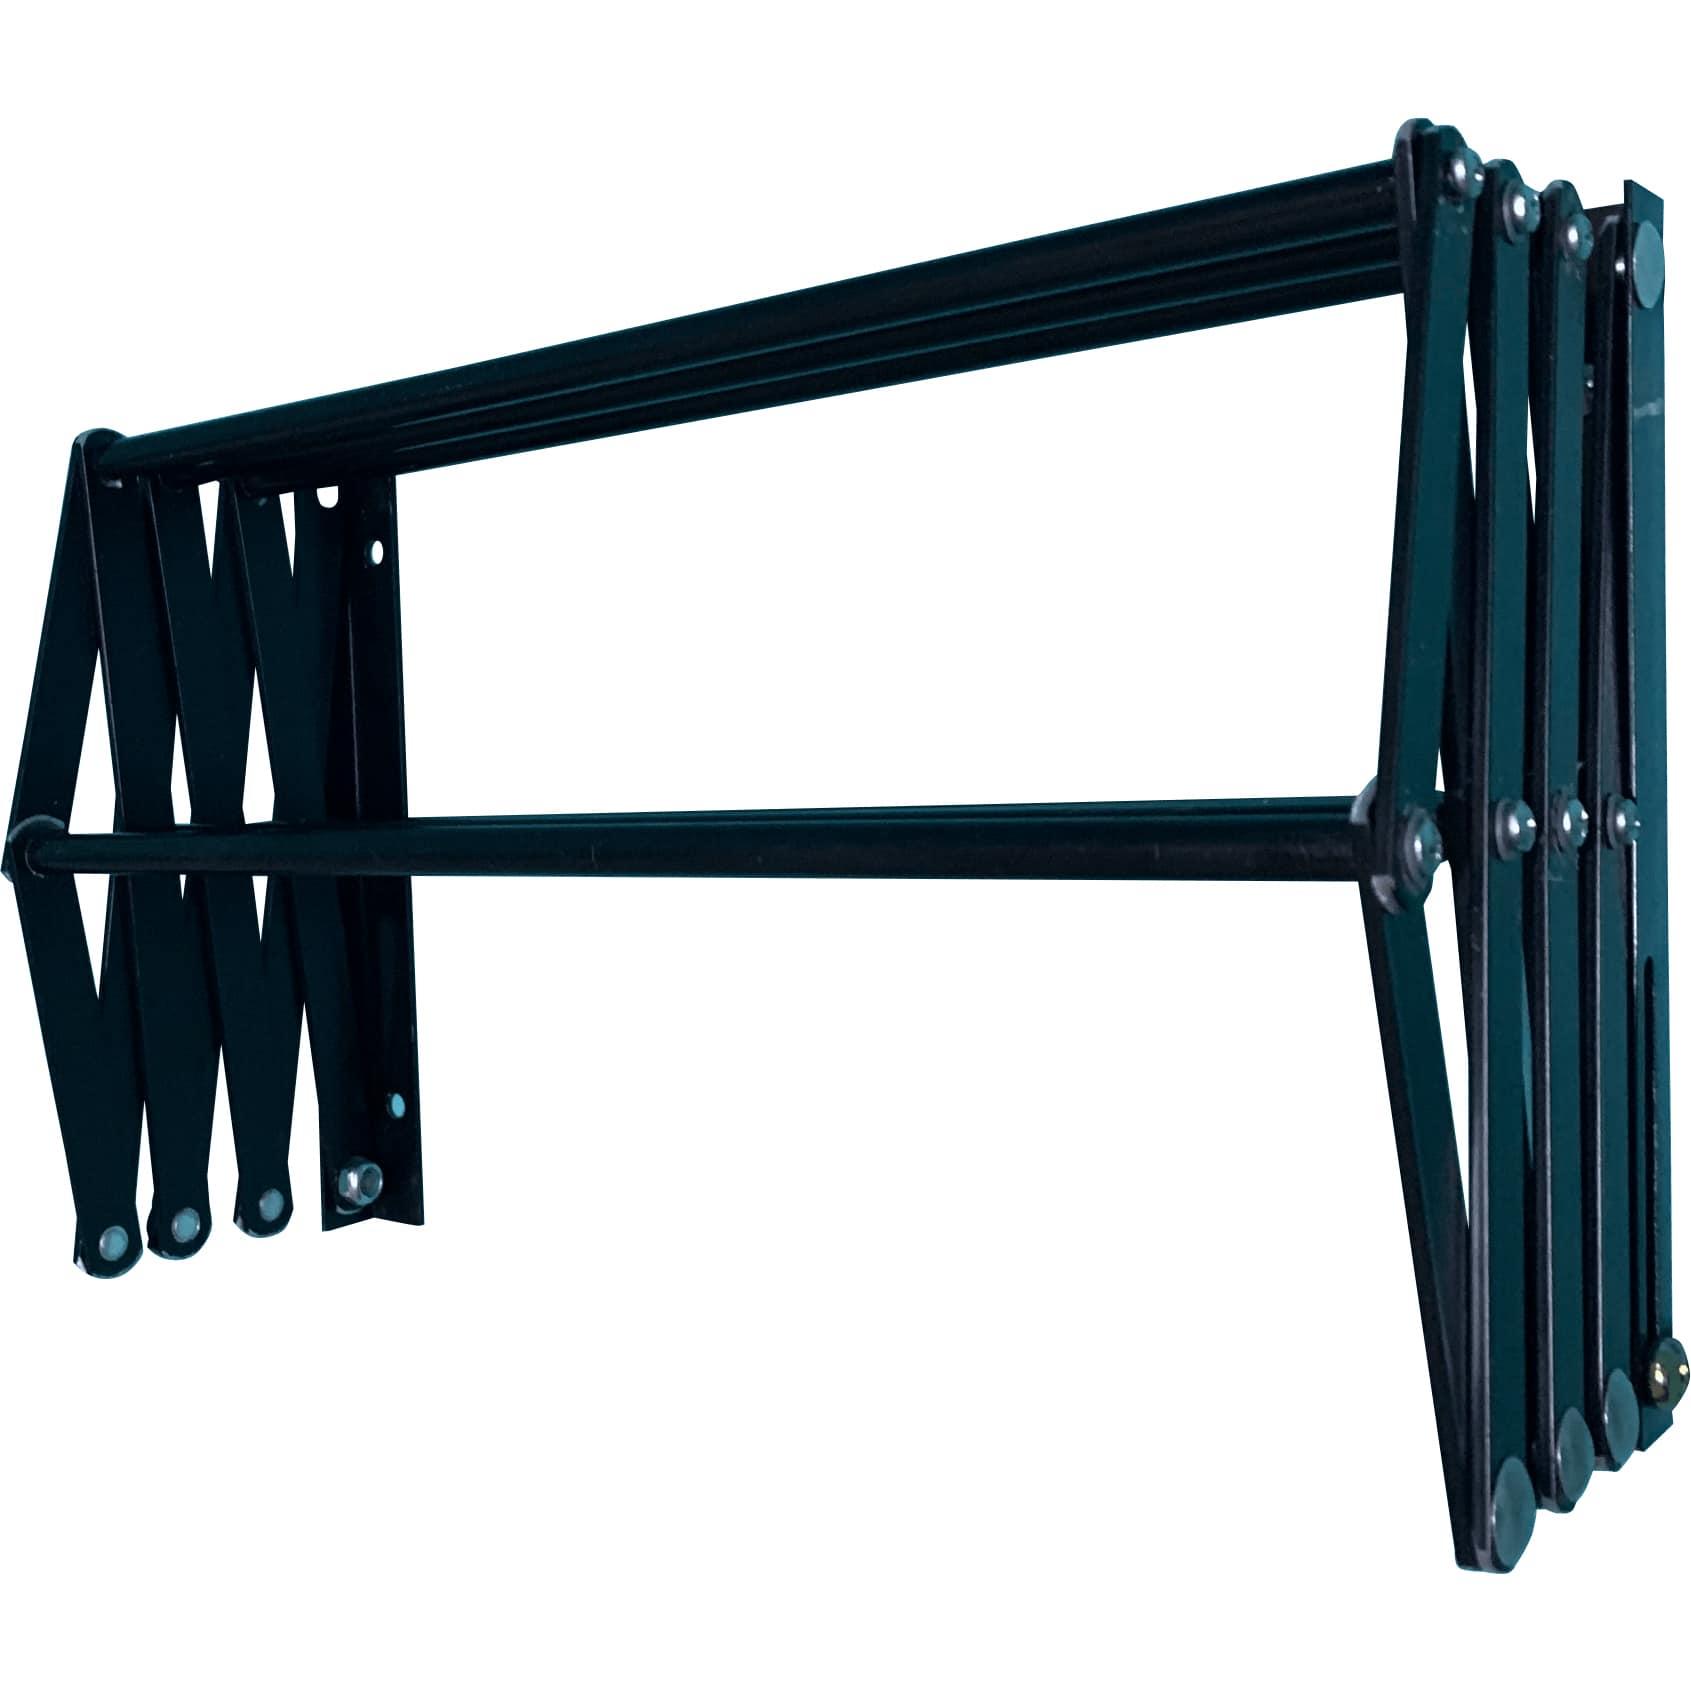 Varal Sanfonado 60cm Em Alumínio De Parede Retrátil - Preto